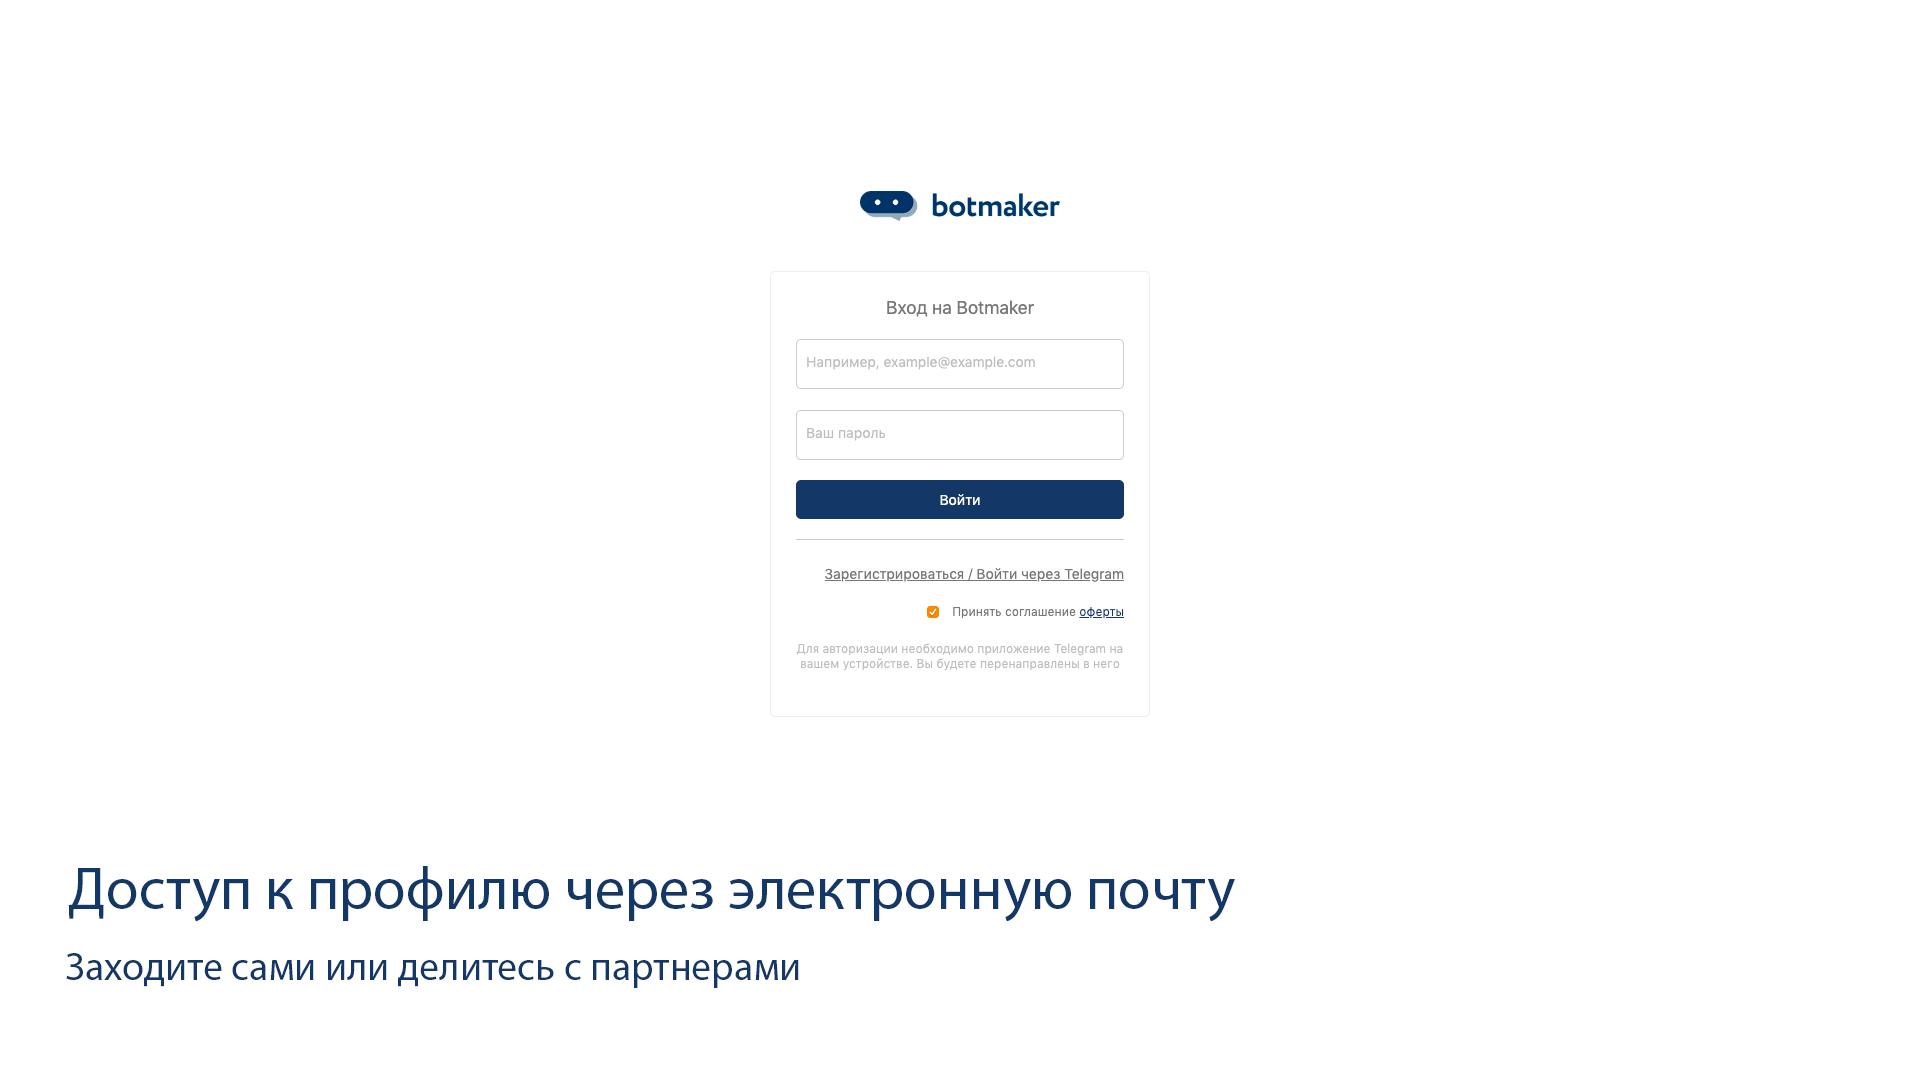 [2/2] Вход через электронную почту и предоставление доступа к боту